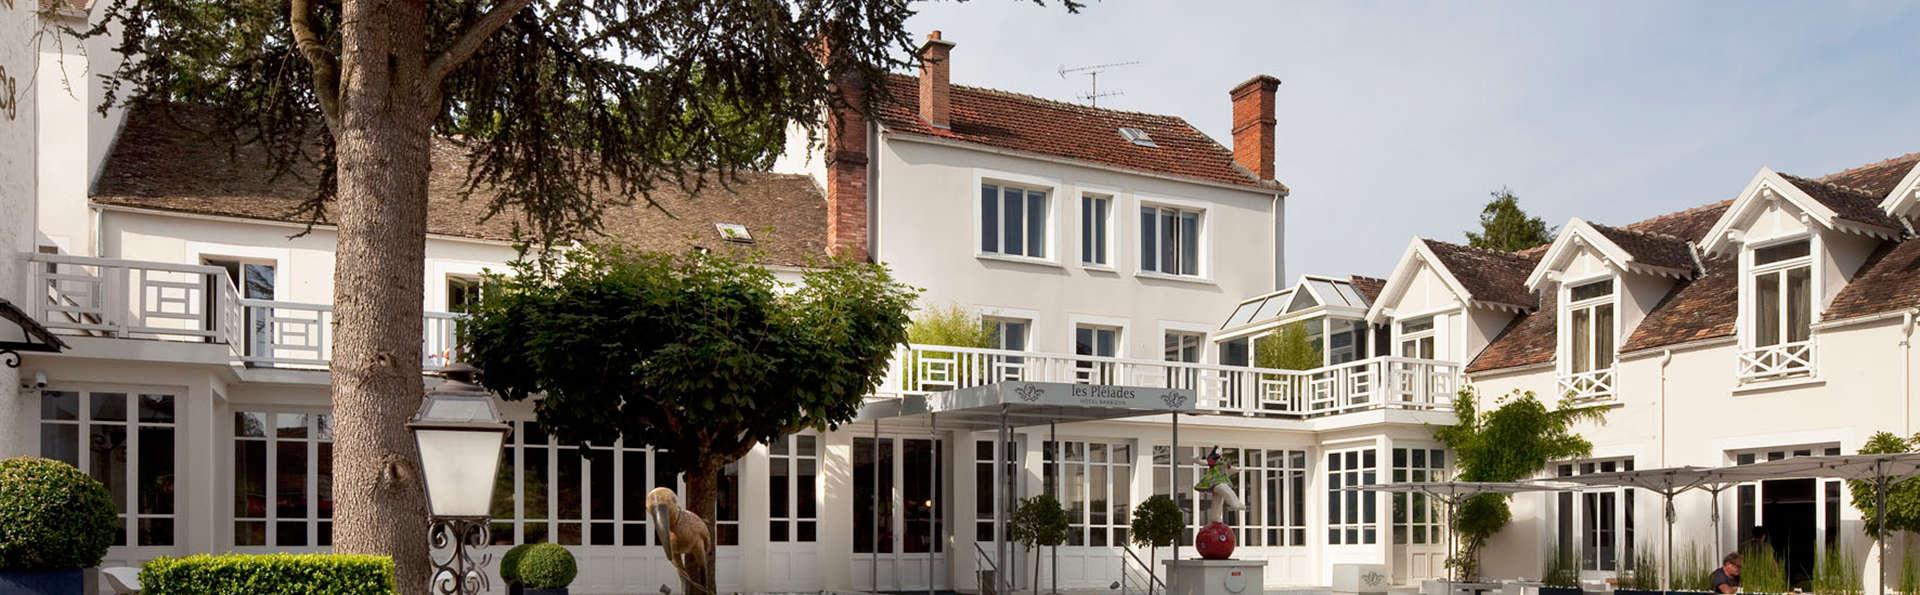 Hôtel et SPA Les Pléiades  - EDIT_front1.jpg